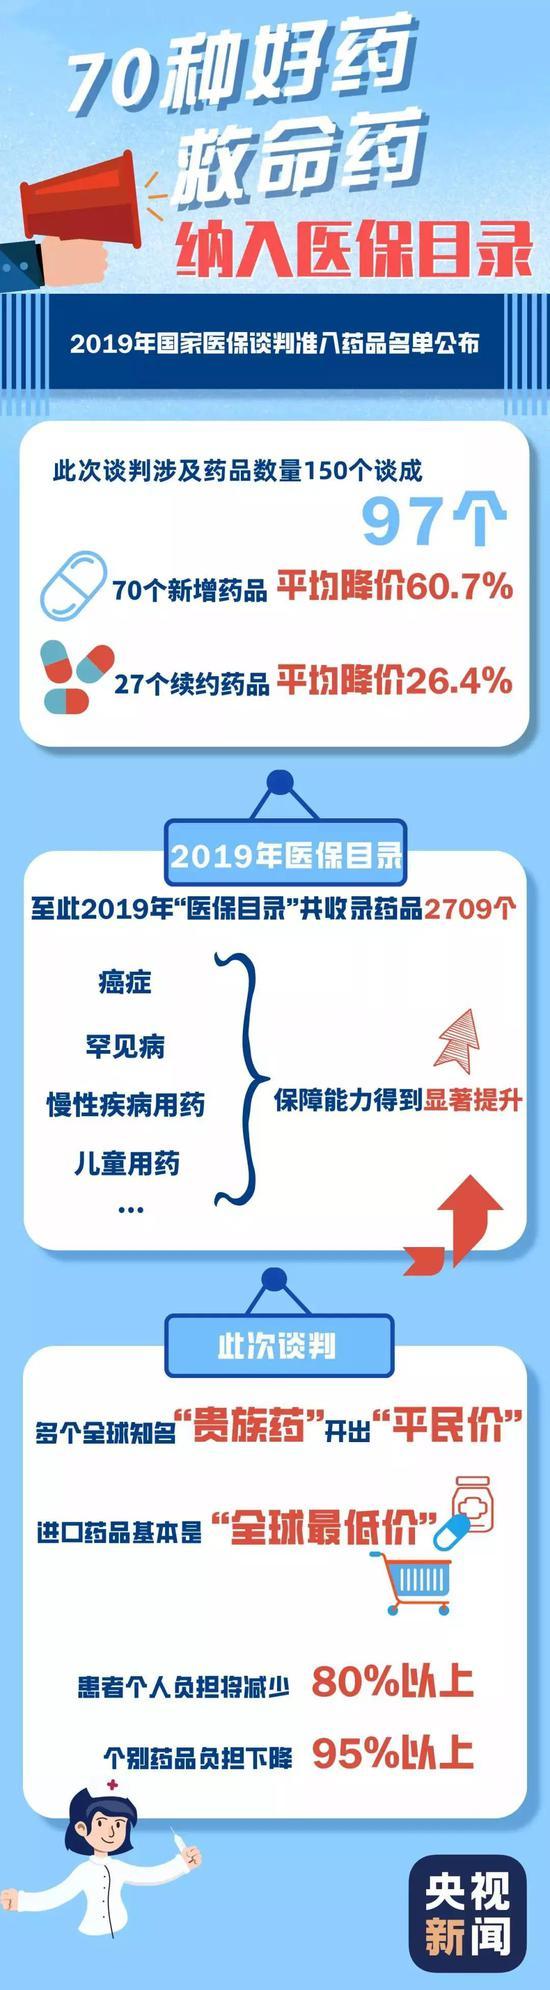 金牌娱乐平台官方网-这些年轻人告诉世界,为什么是杭州